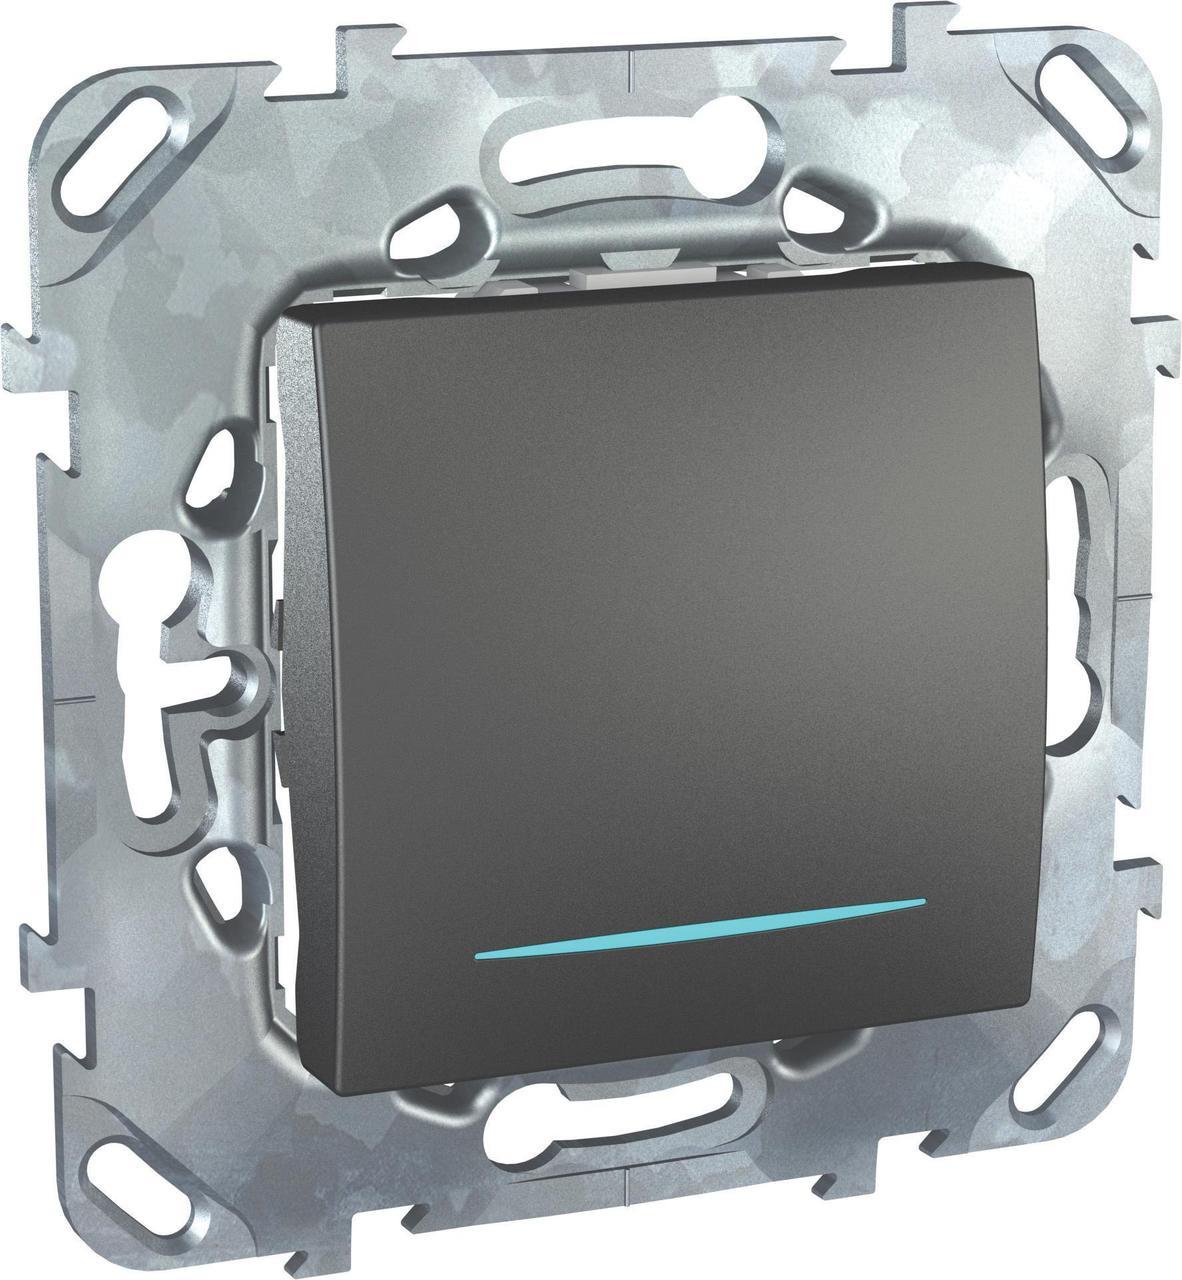 Выключатель 1-клавишный; кнопочный с подсветкой , Графит, серия UNICA TOP/CLASS, Schneider Electric